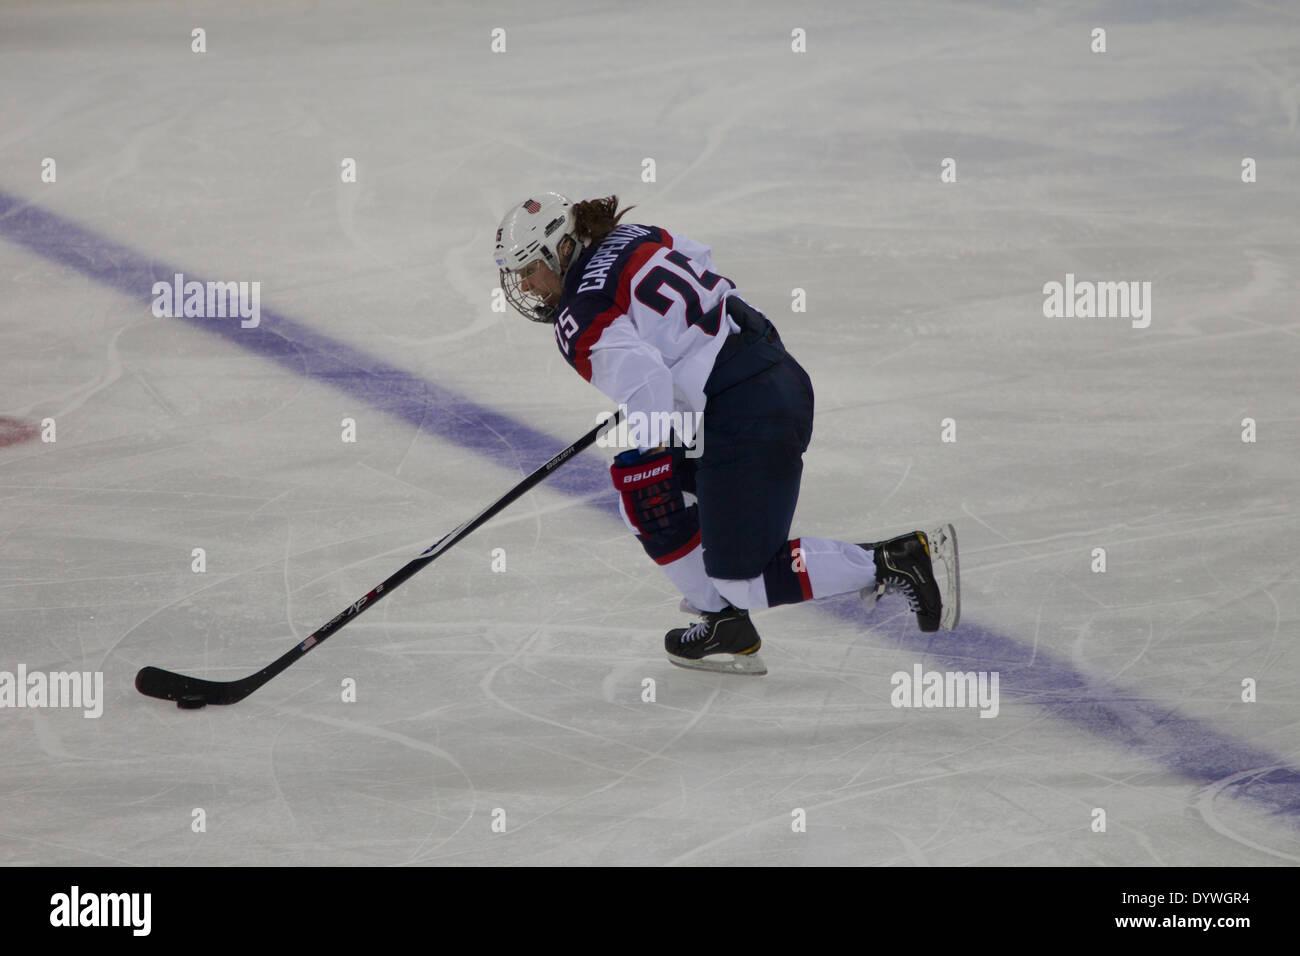 Alex Carpenter (USA), USA-Canada Le hockey sur glace féminin aux Jeux Olympiques d'hiver de Sotchi en 2014, Photo Stock